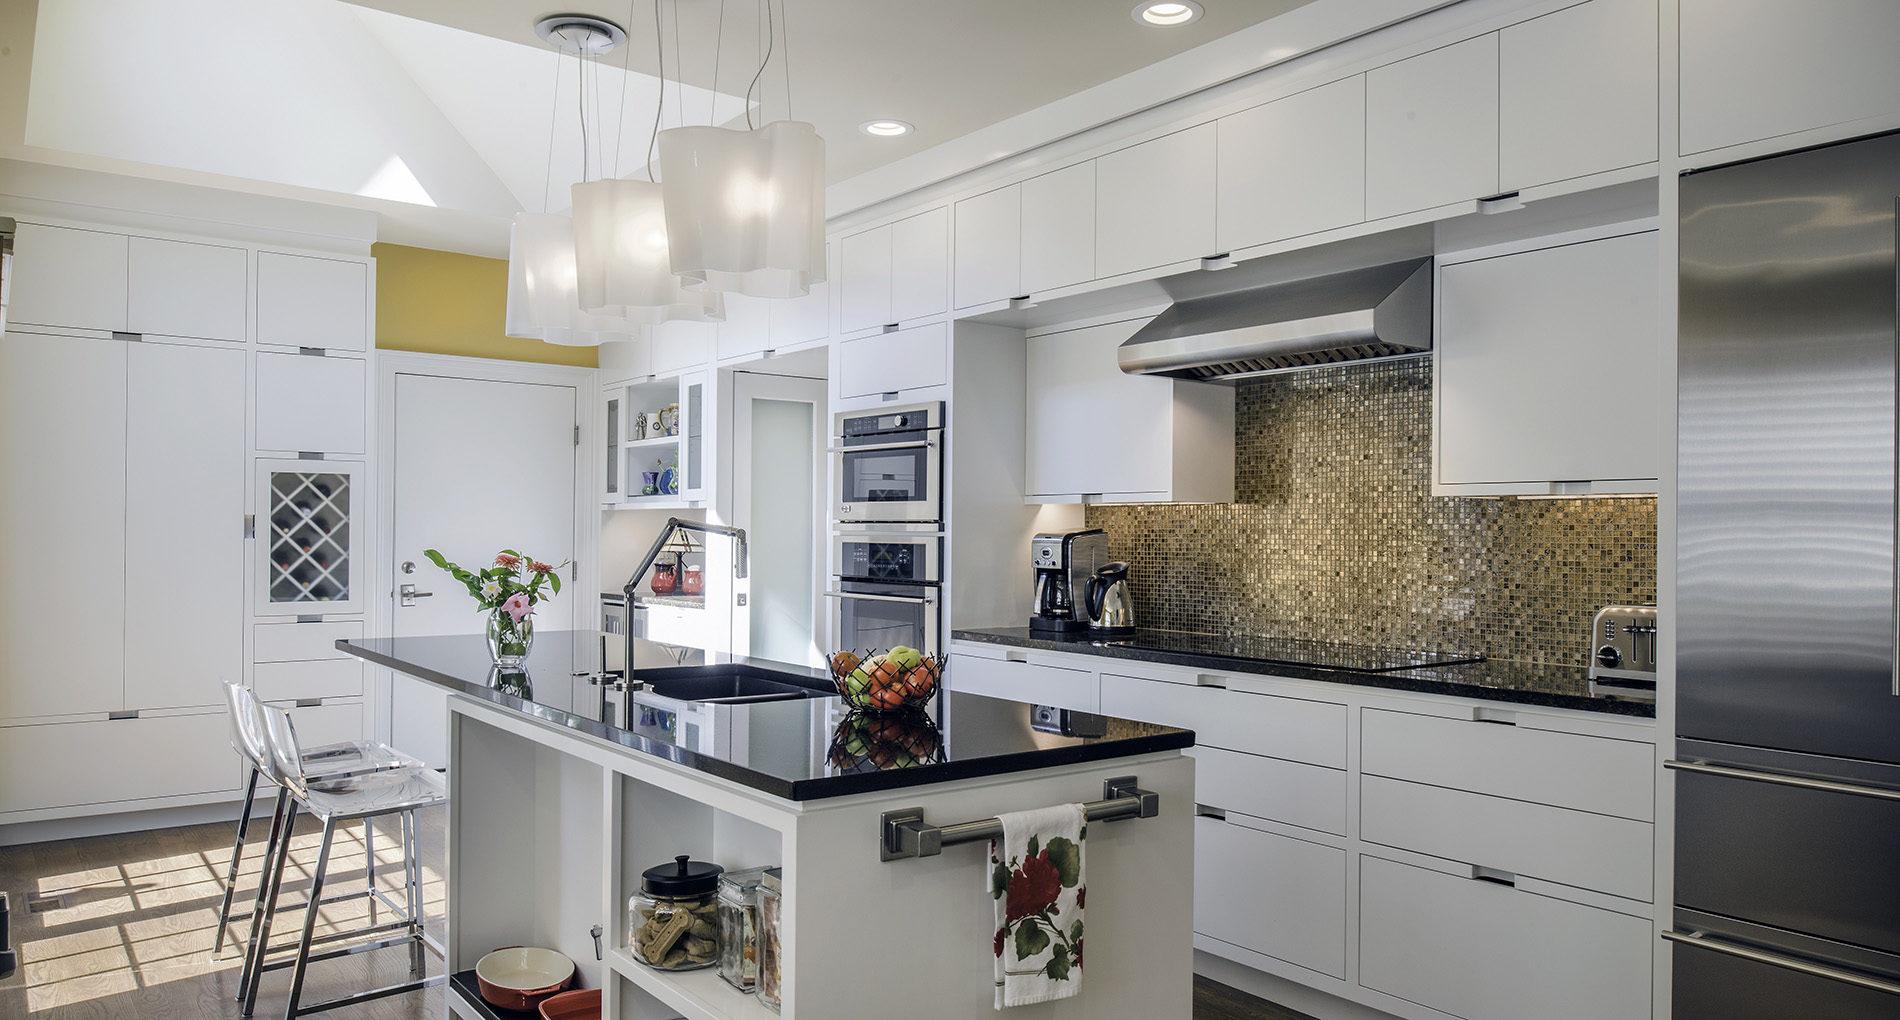 Kitchen Remodel Hudson Bratenahlcluster Slider